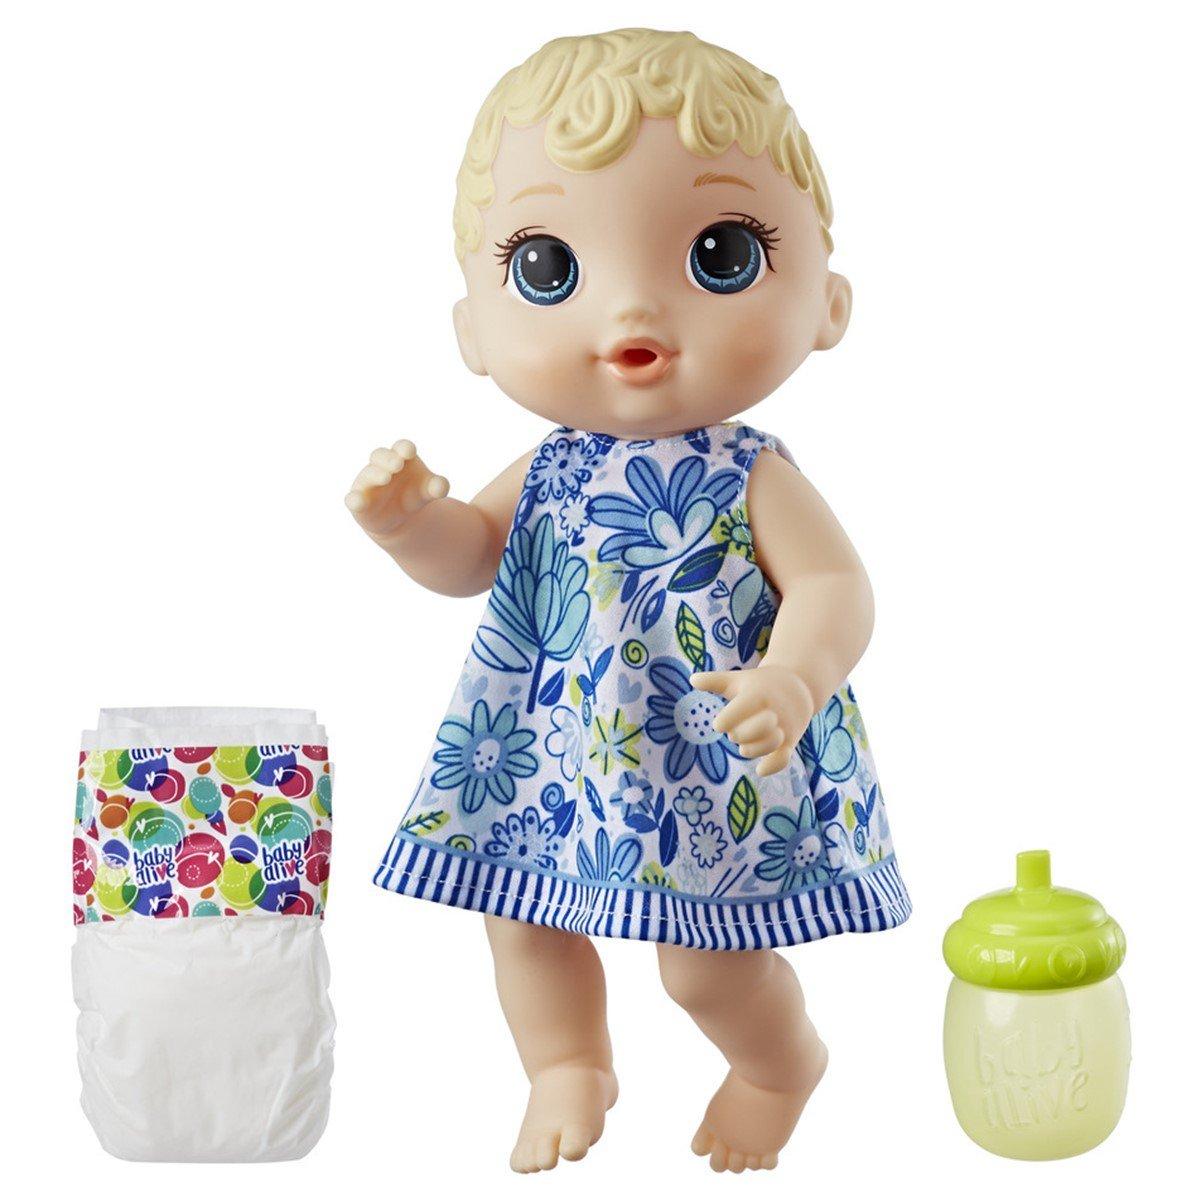 Đồ chơi bé Hava đáng yêu và tã giấy thần kỳ Baby Alive